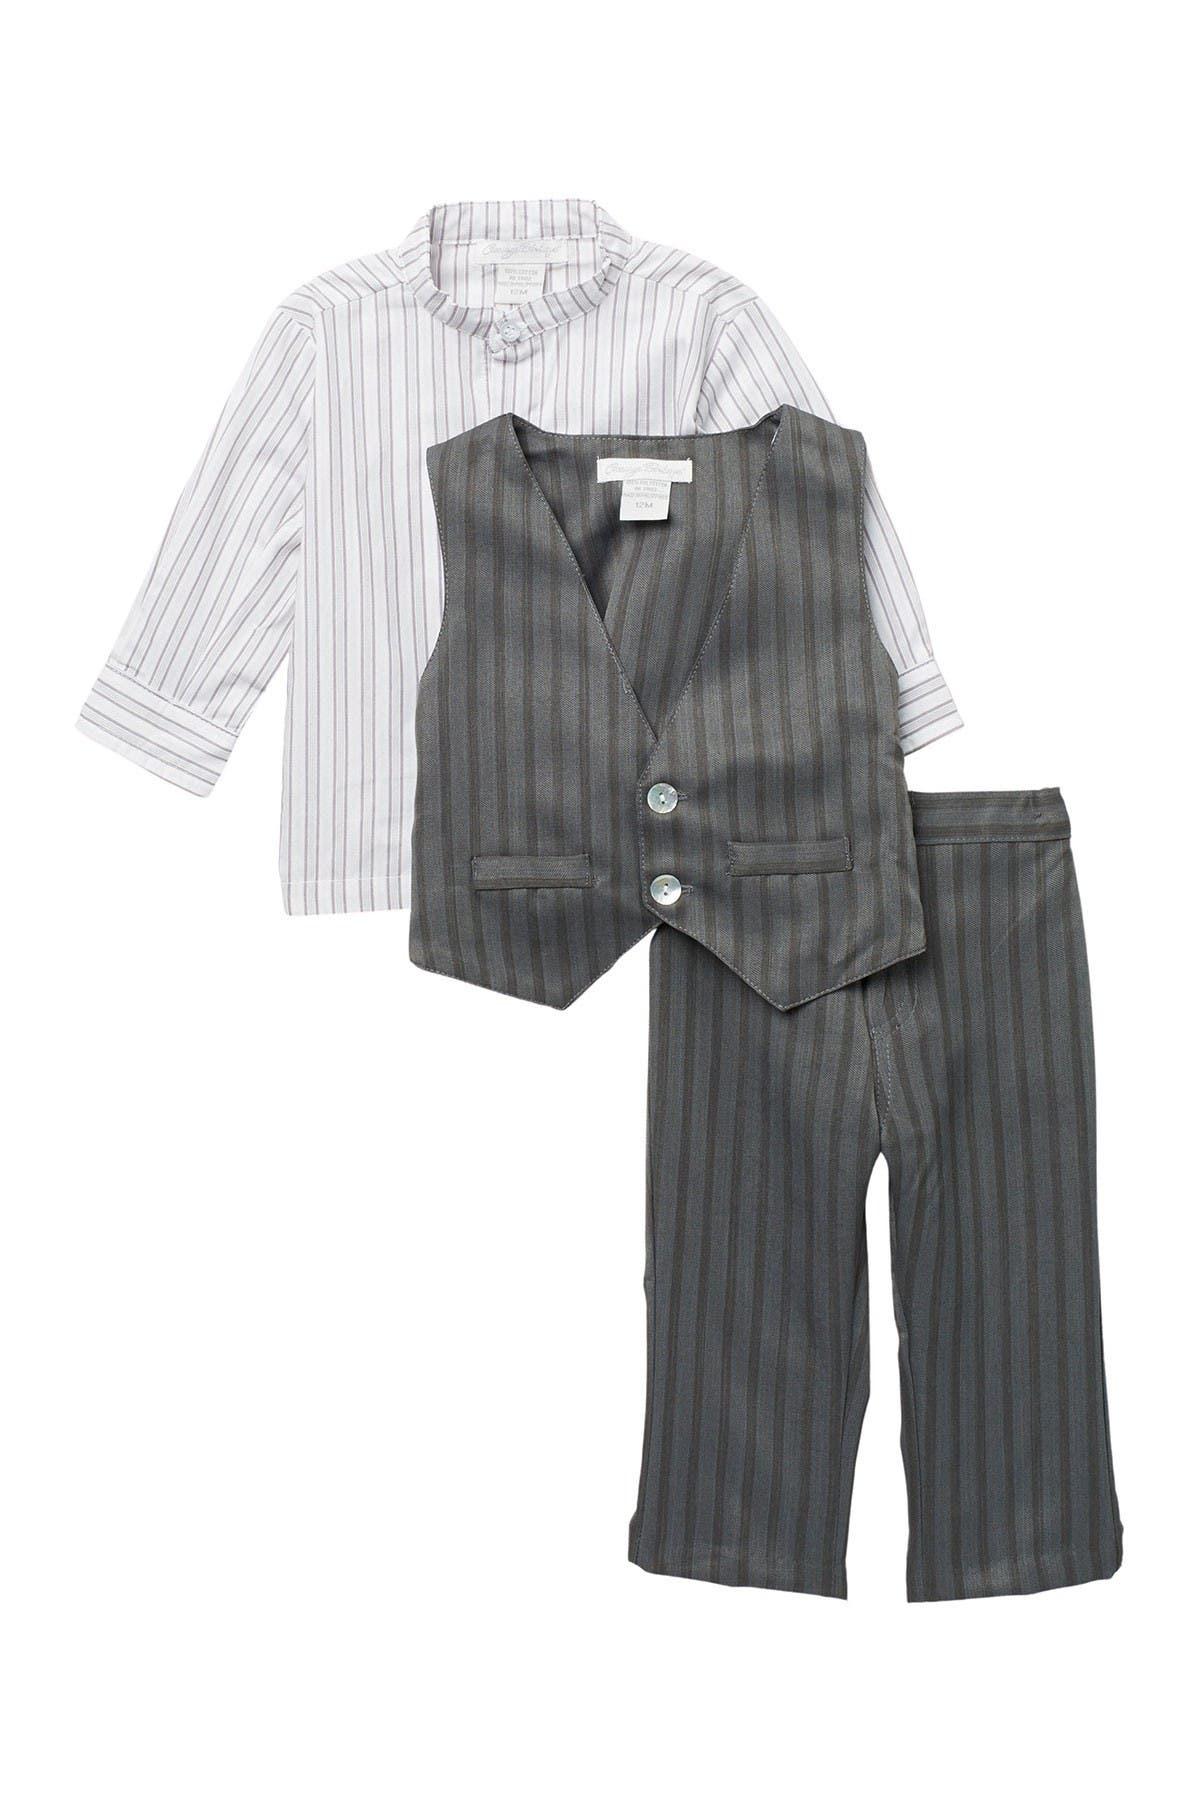 Image of Carriage Boutique 3-Piece Vest Set